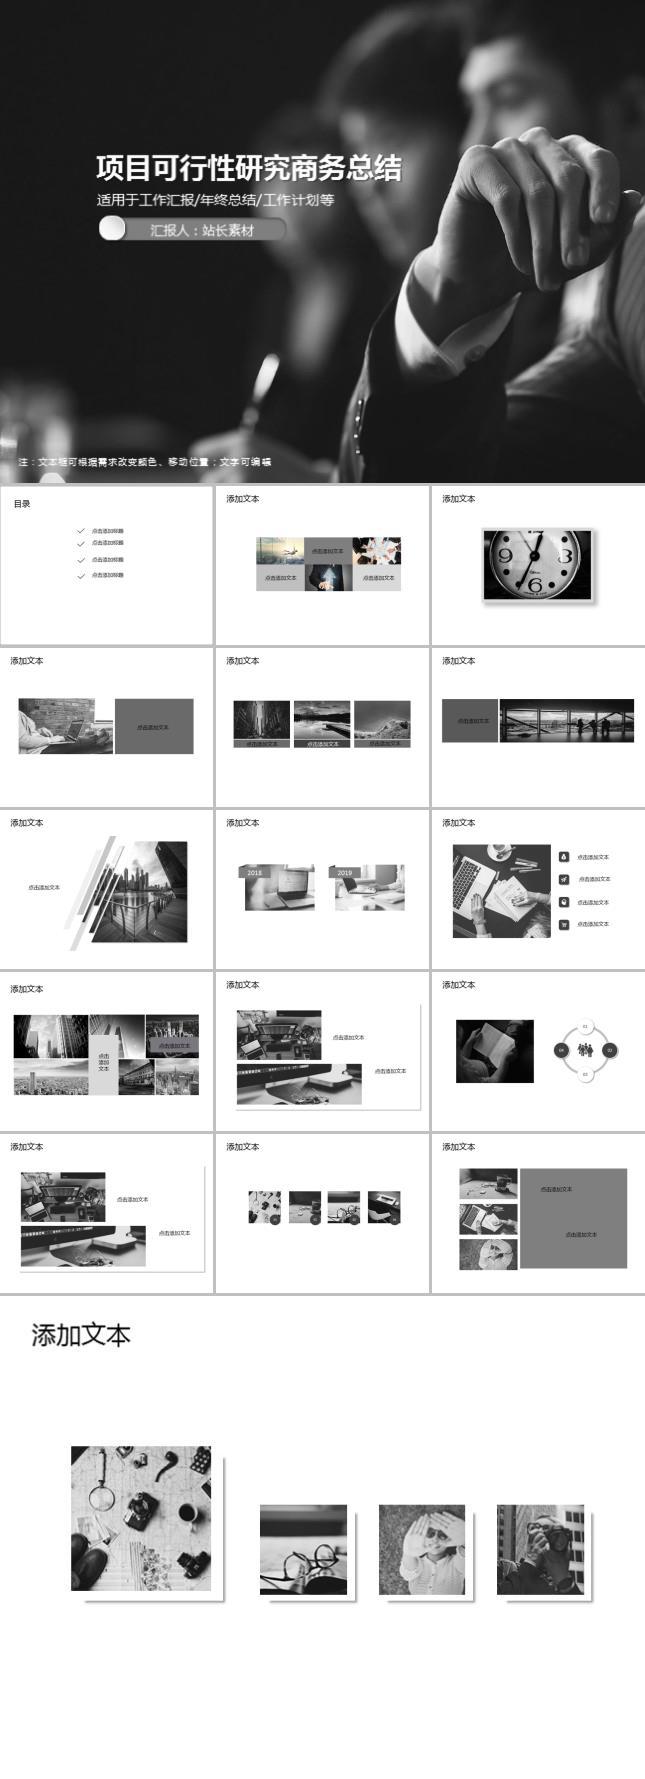 项目可行性研究商务总结PPT模板